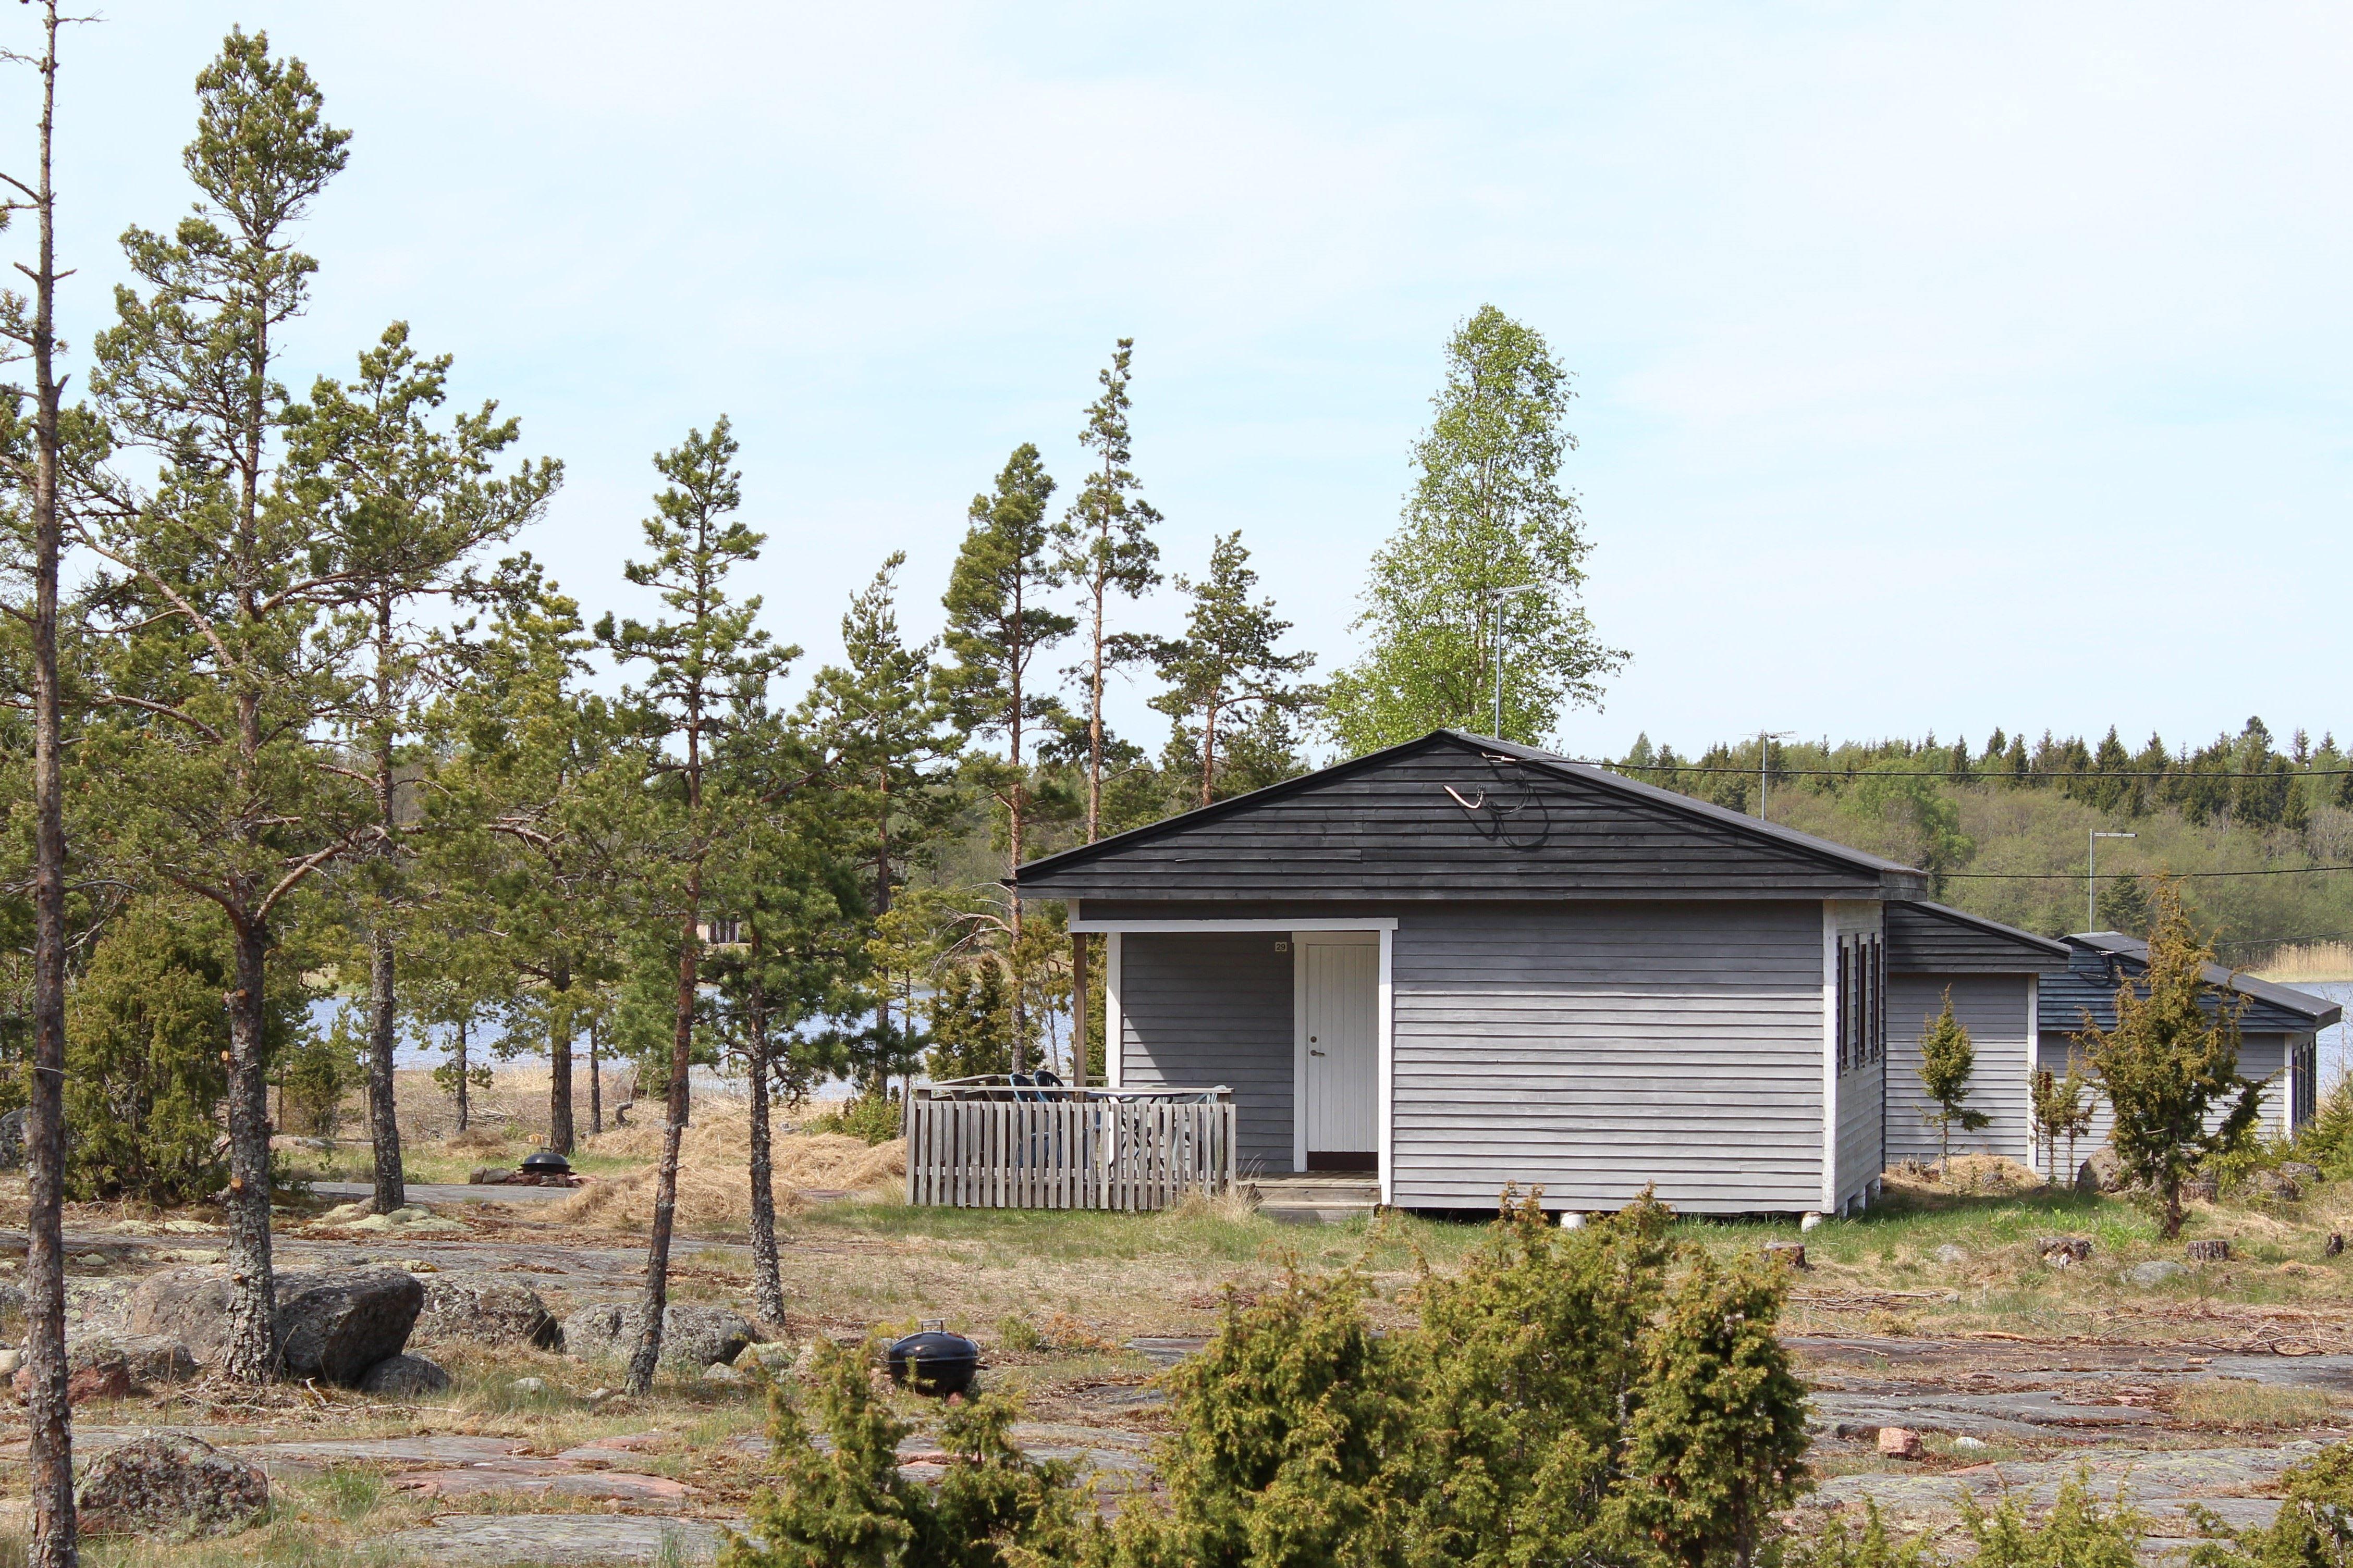 Eckerö Camping husvagn/husbil